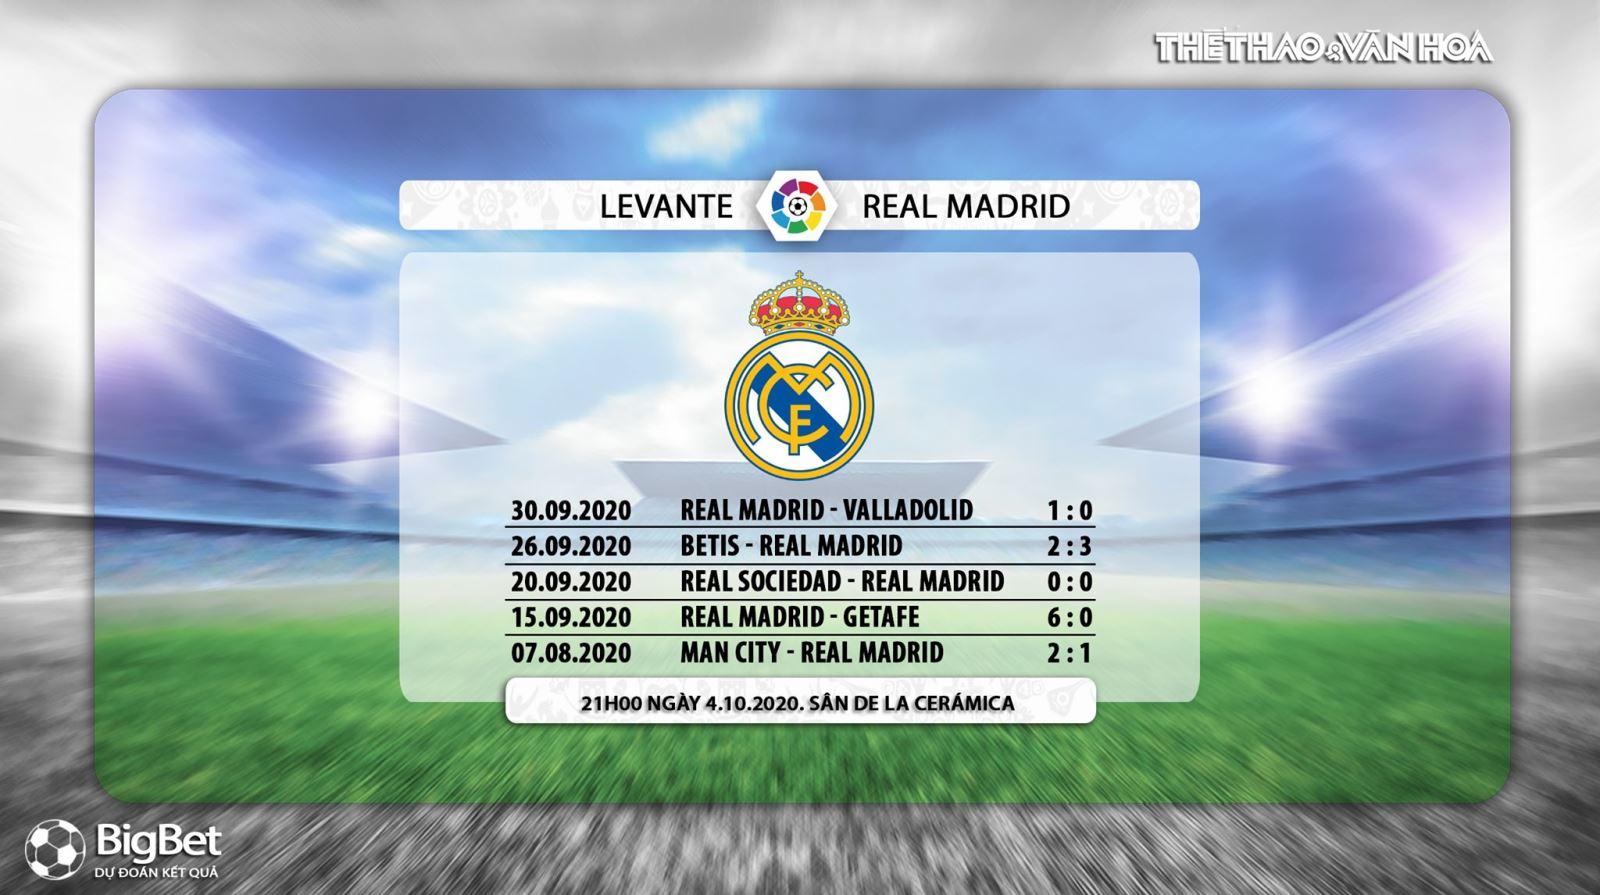 Keo nha cai, kèo nhà cái, Levante vs Real Madrid. Vòng 5 La Liga. Trực tiếp BĐTV. Trực tiếp bóng đá Tây Ban Nha vòng 5. Soi kèo Levante đấu với Real Madrid. Kèo Real